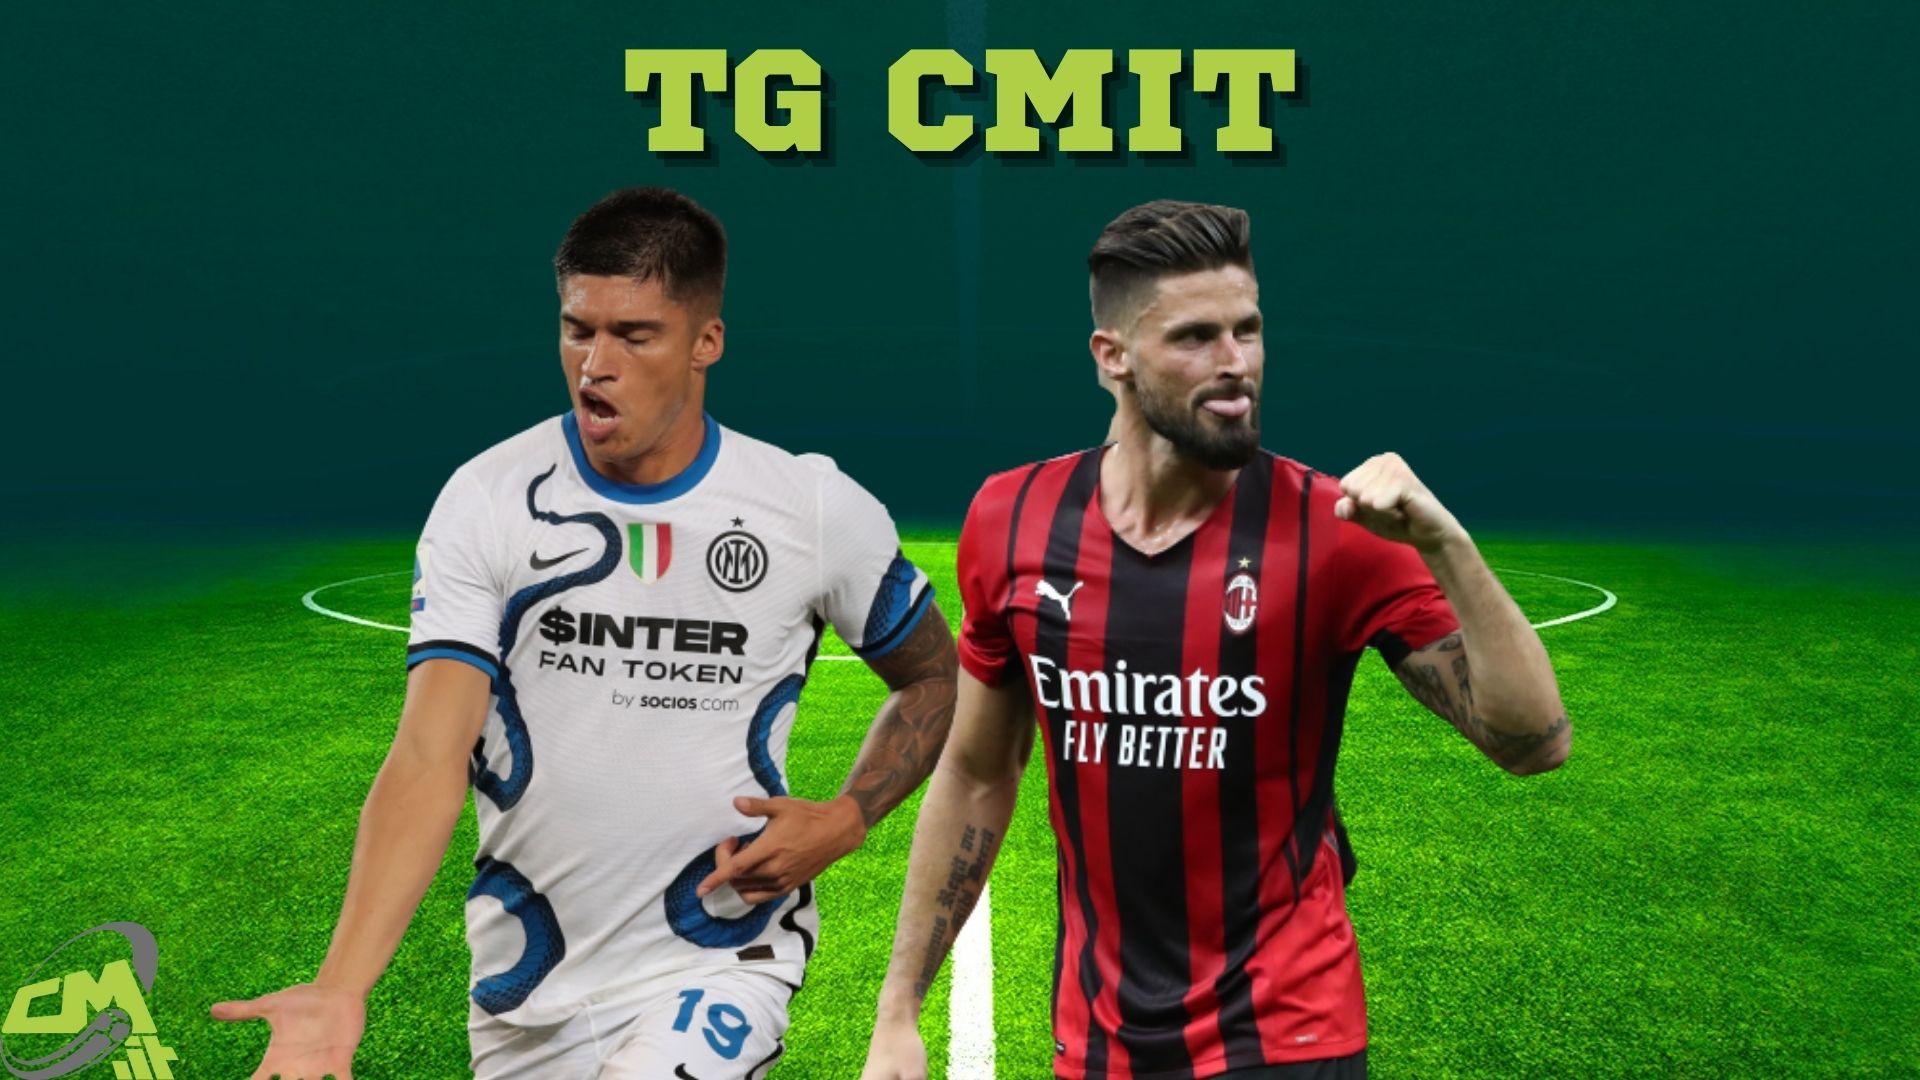 CMIT TV | TG mercato e Speciale Champions League: segui la diretta!